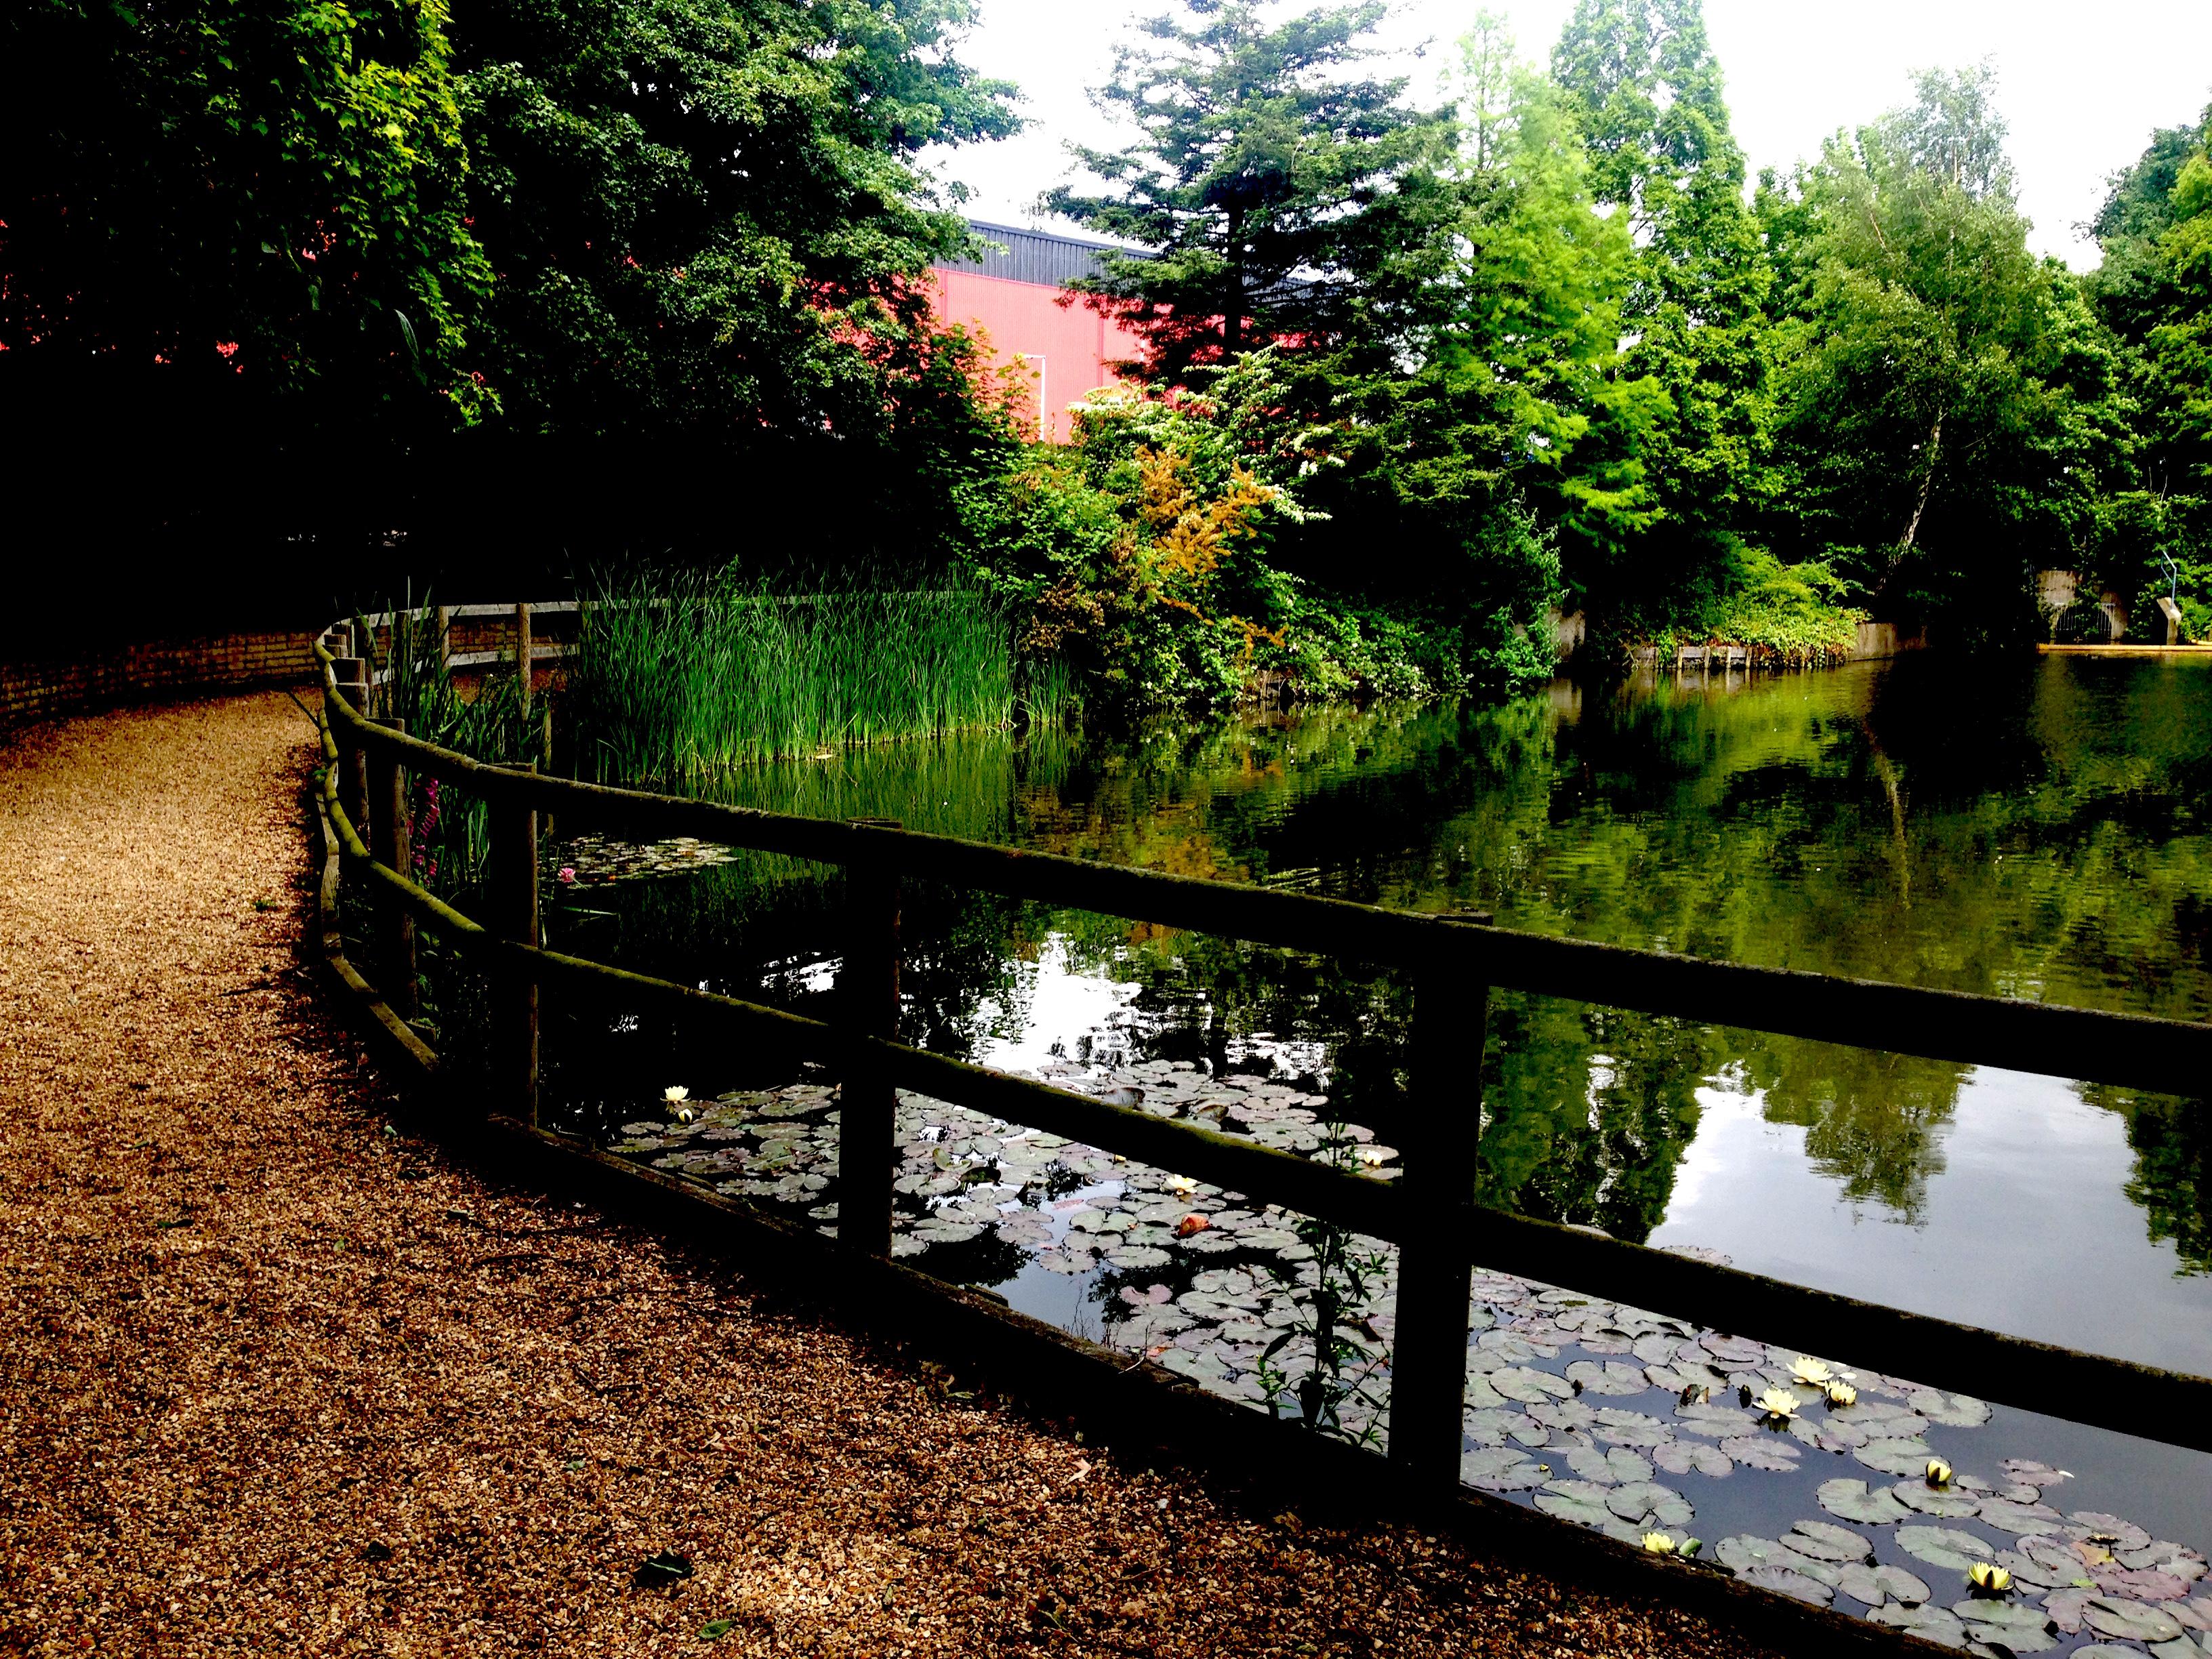 Birmingham looking nice